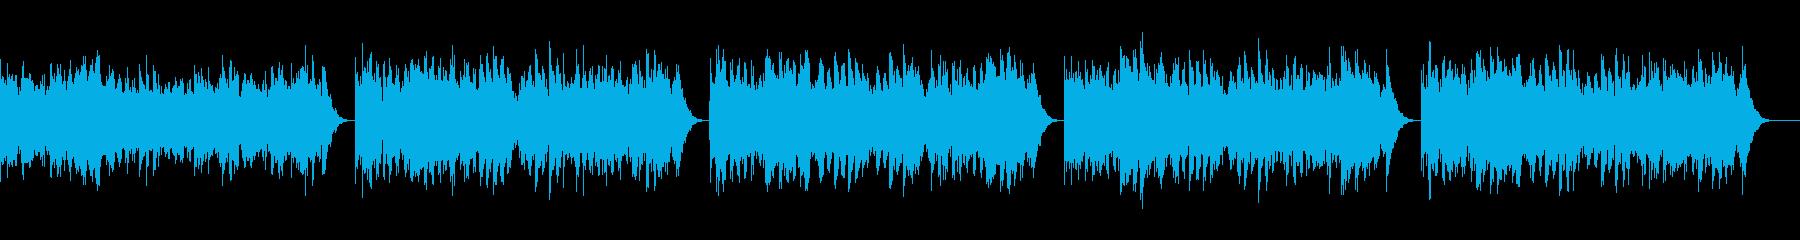 きらきら星をオルゴールで作りましたの再生済みの波形